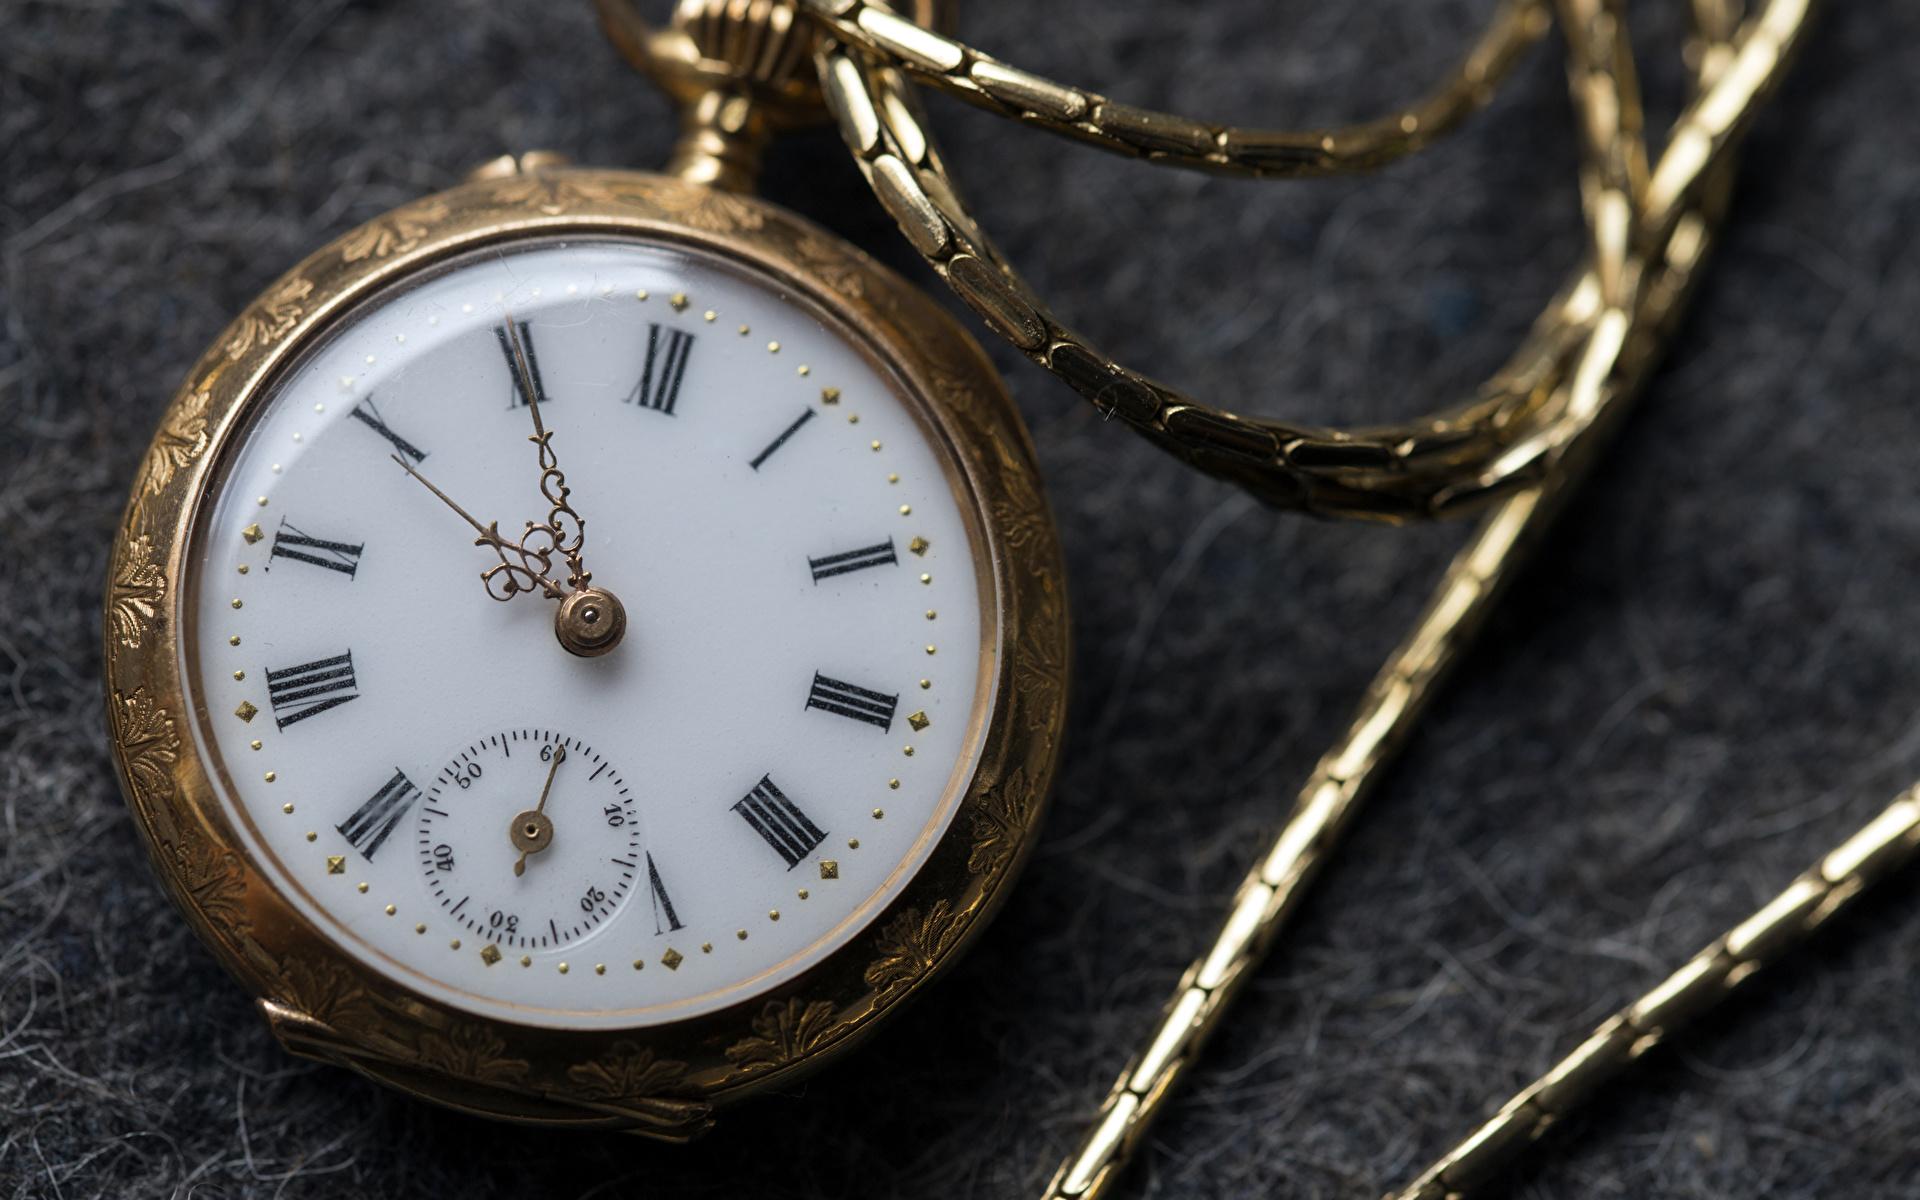 Bilder Taschenuhr Uhr Zifferblatt Großansicht 1920x1200 hautnah Nahaufnahme